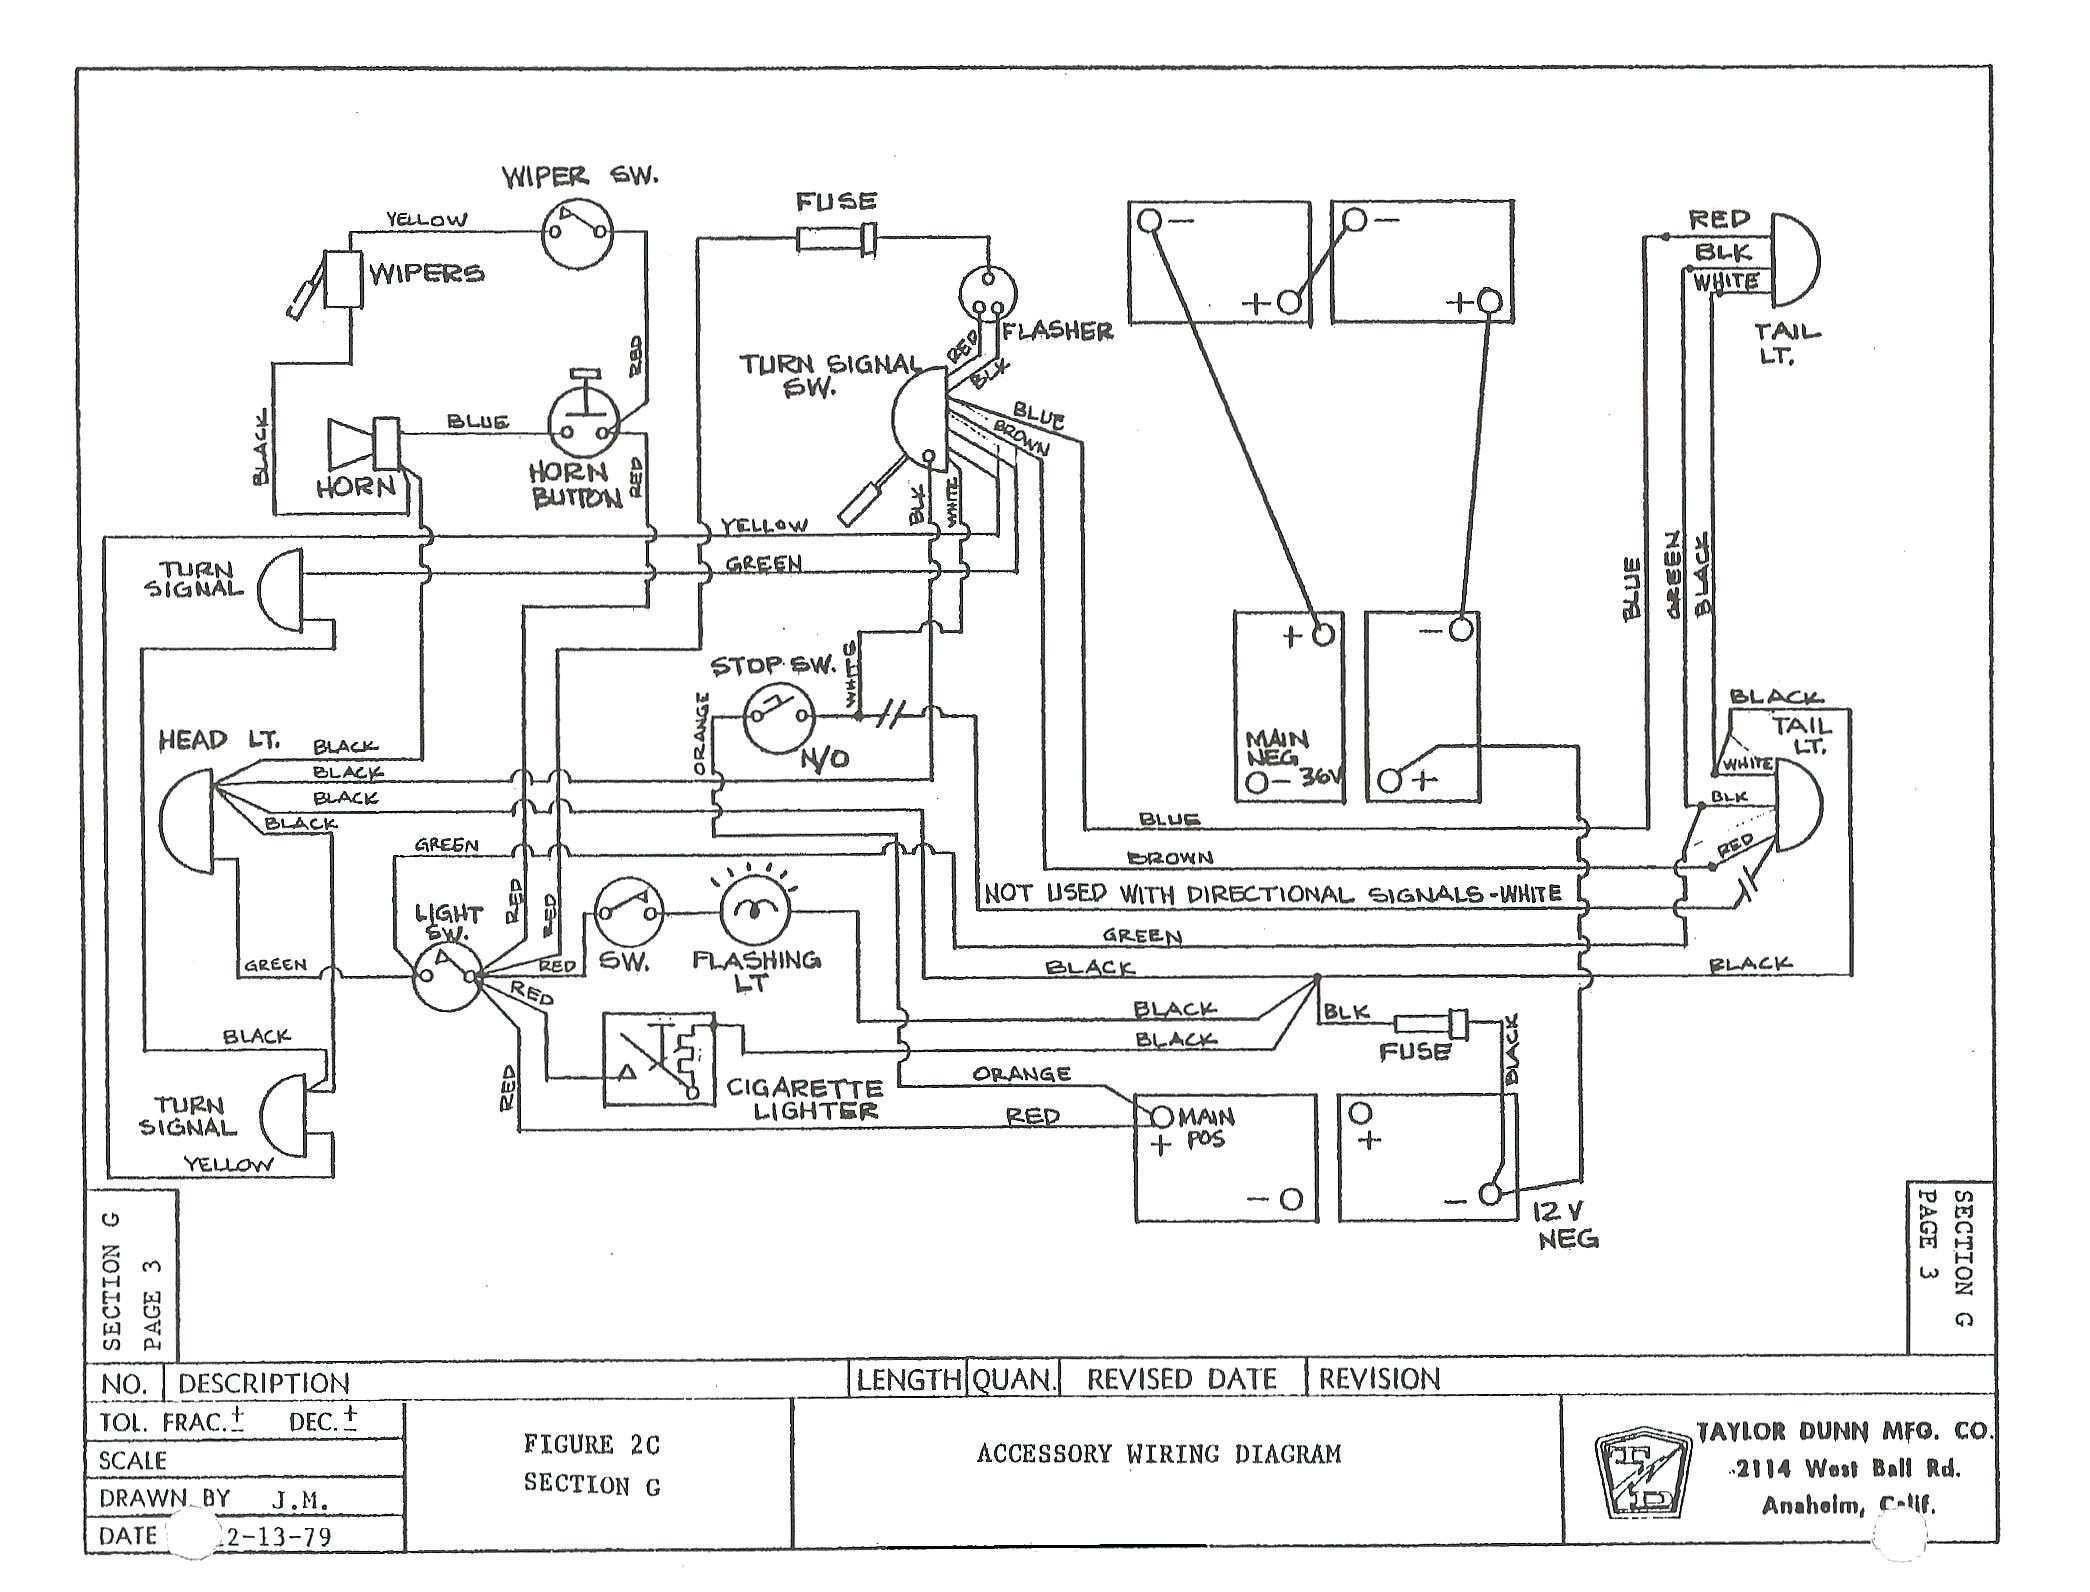 Club Car Golf Cart Wiring Diagram Best 1998 Ez Go Electric Golf Cart Wiring Diagram